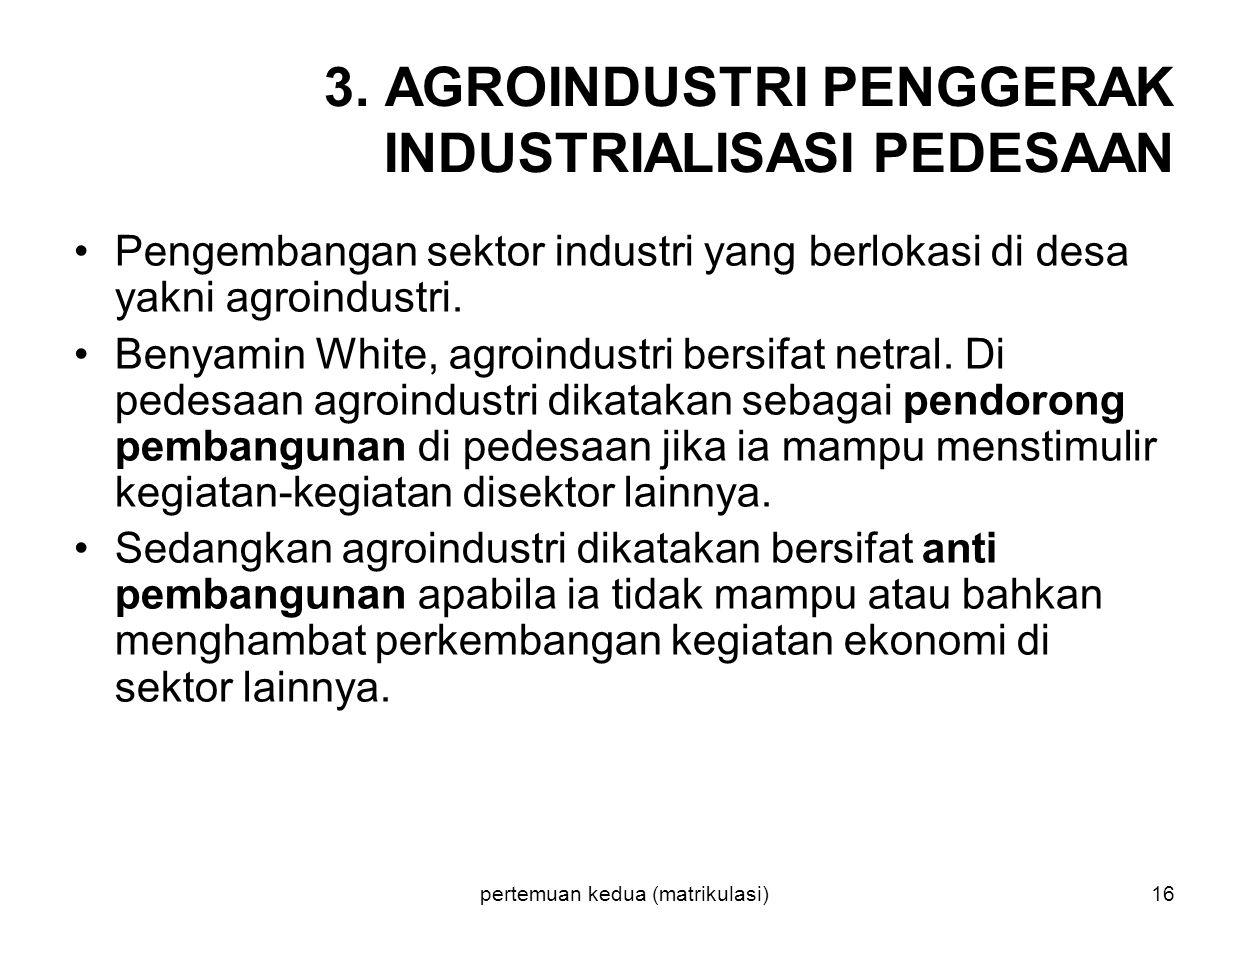 pertemuan kedua (matrikulasi)16 3. AGROINDUSTRI PENGGERAK INDUSTRIALISASI PEDESAAN Pengembangan sektor industri yang berlokasi di desa yakni agroindus